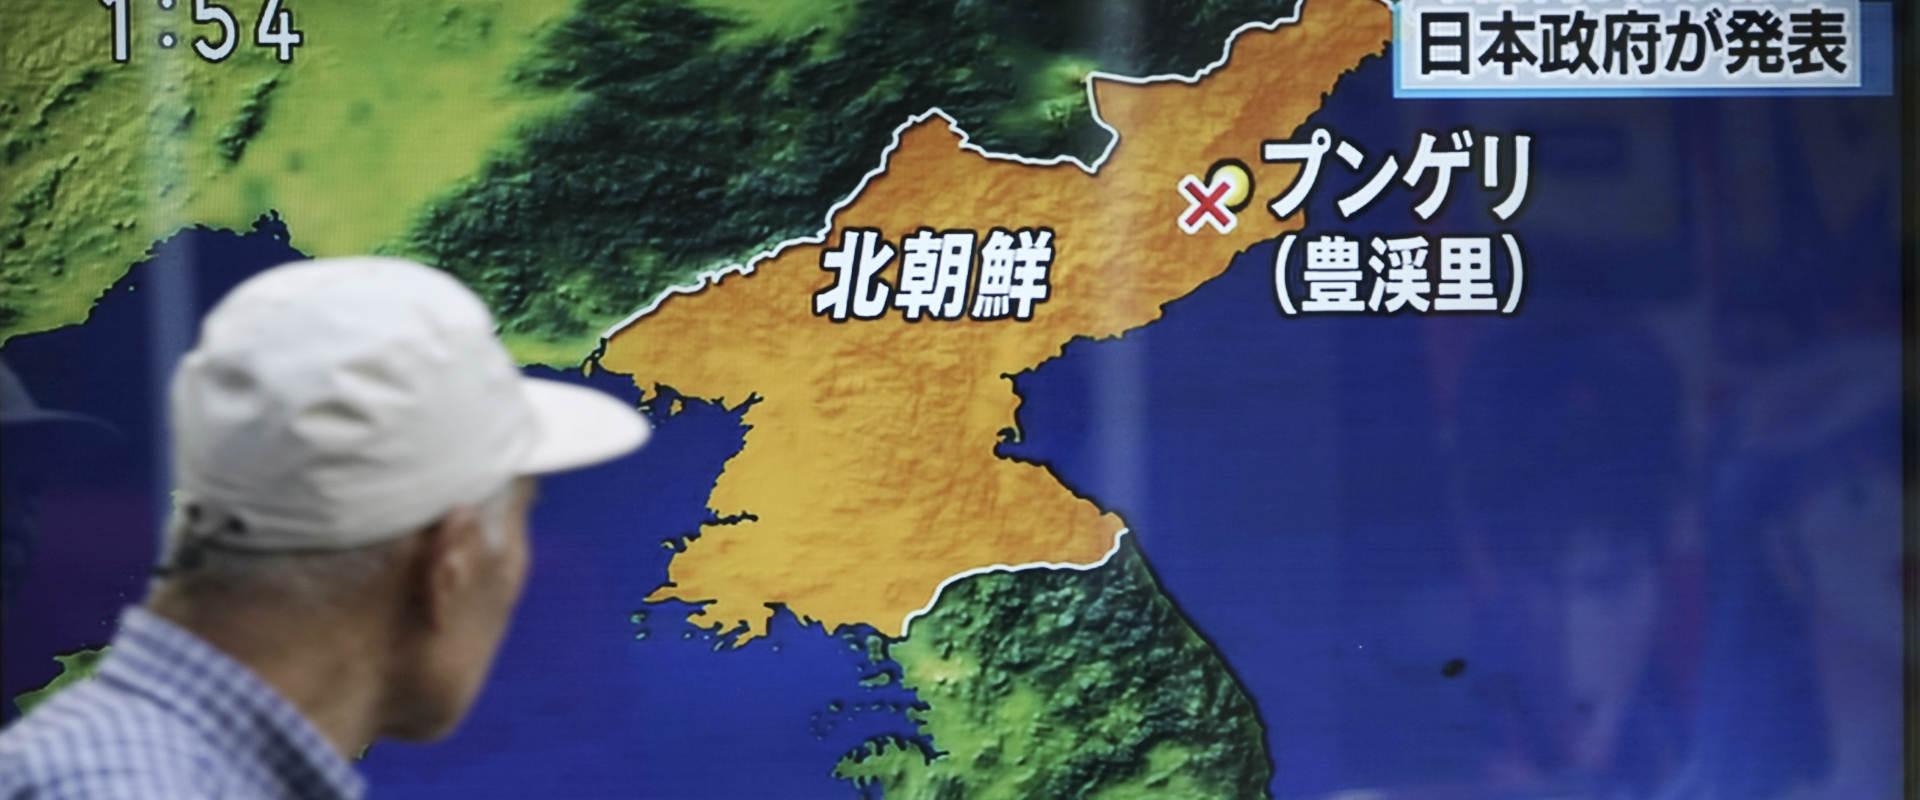 דיווח בטלוויזיה היפנית על הניסוי של קוריאה הצפונית